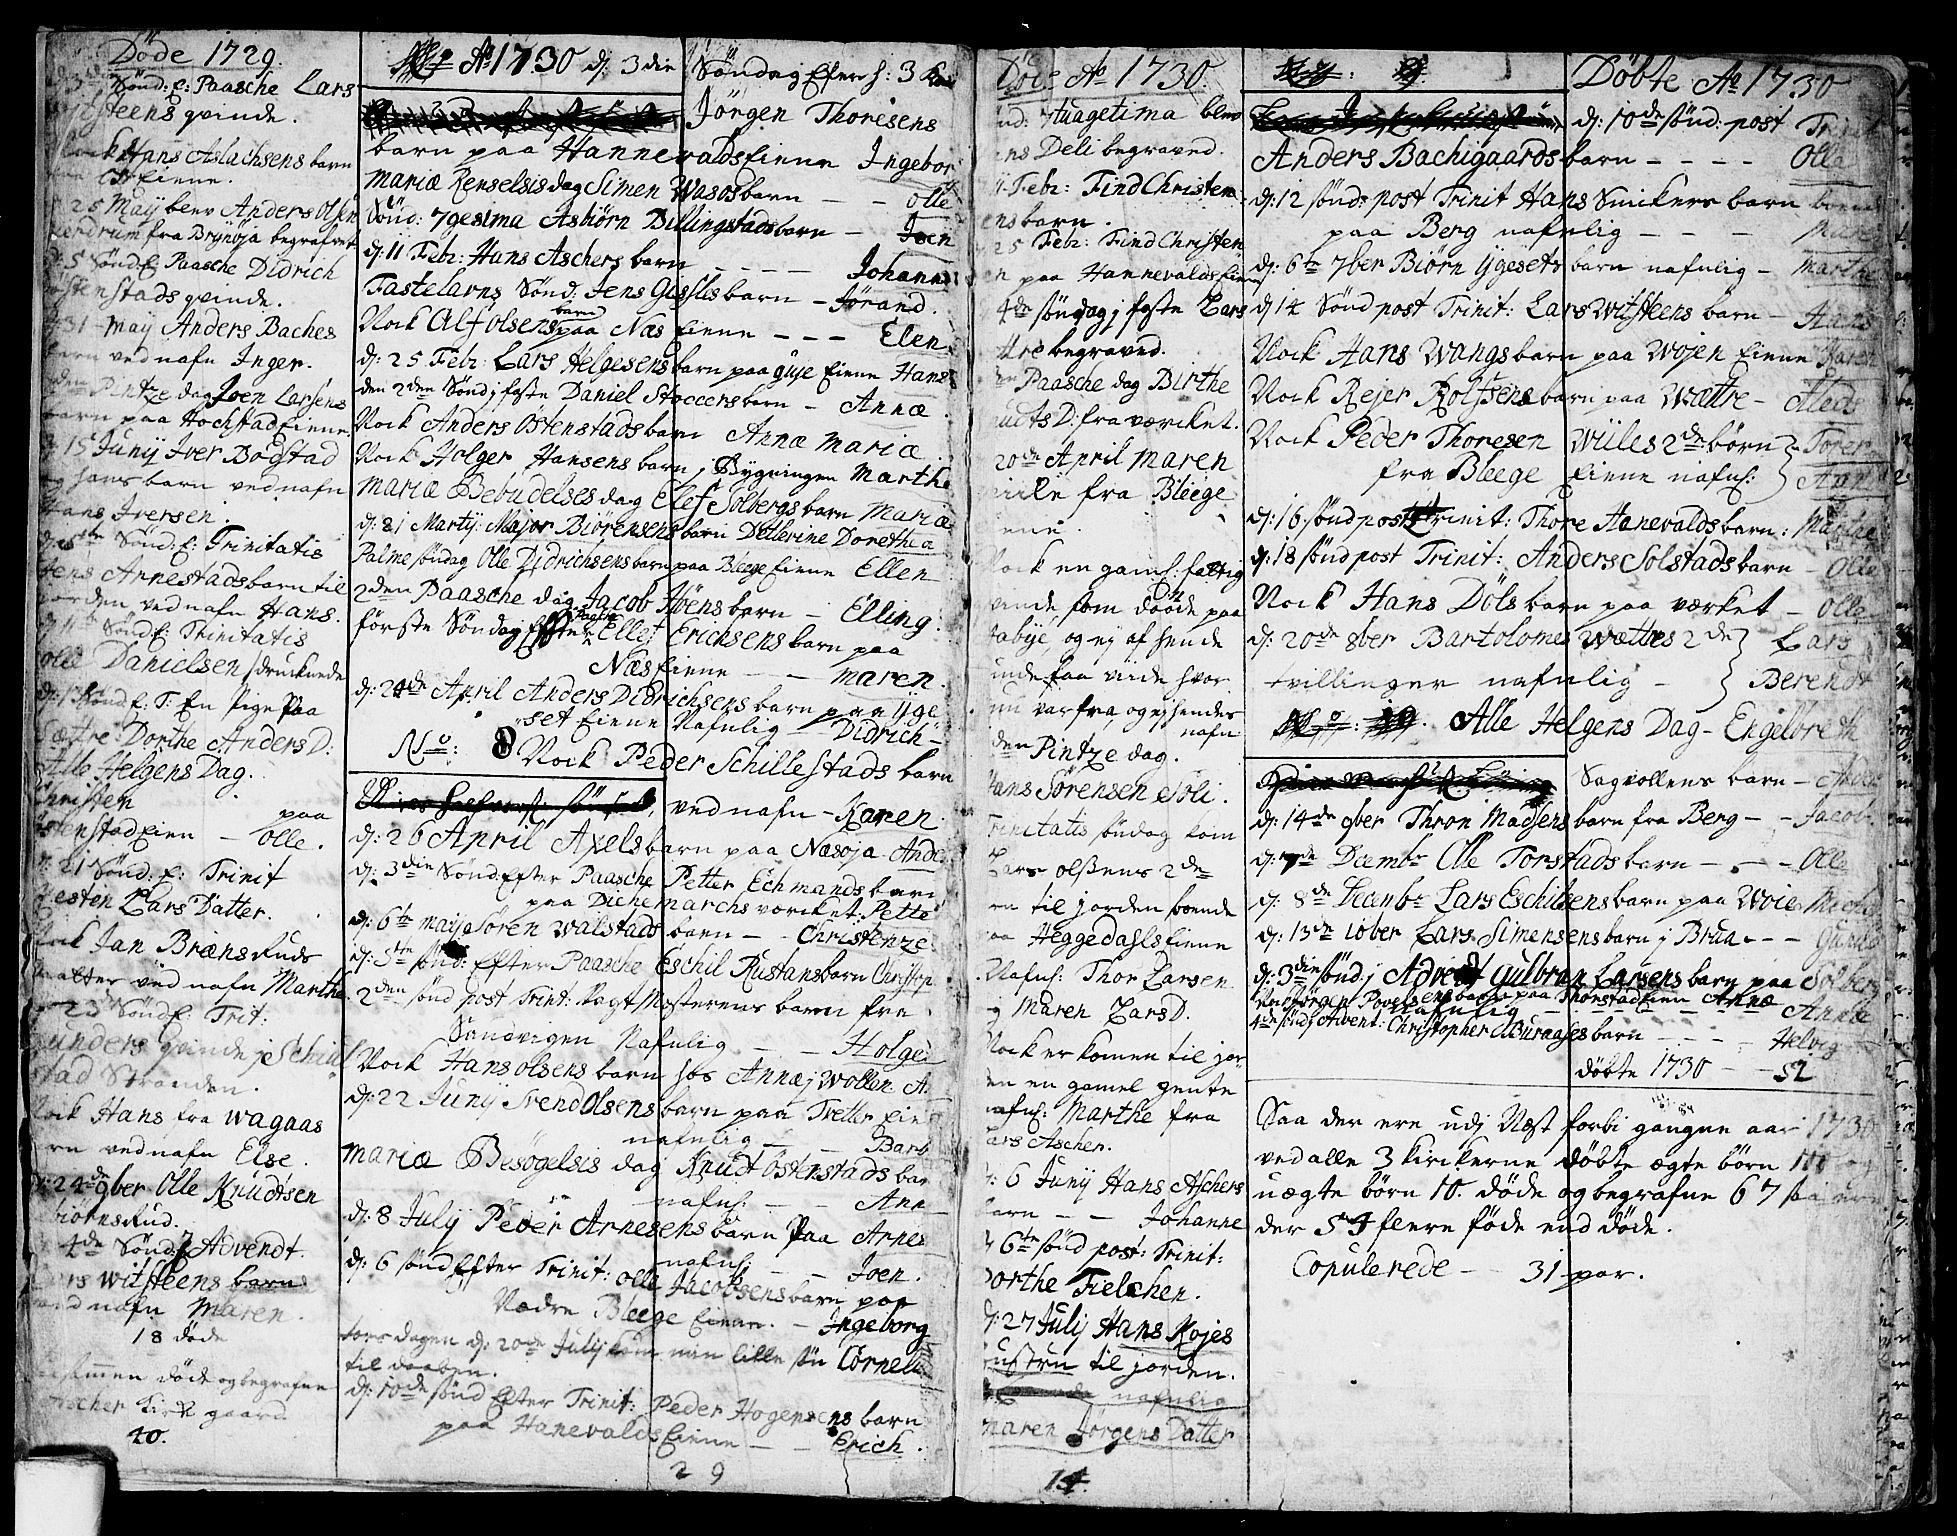 SAO, Asker prestekontor Kirkebøker, F/Fa/L0001: Ministerialbok nr. I 1, 1726-1744, s. 5